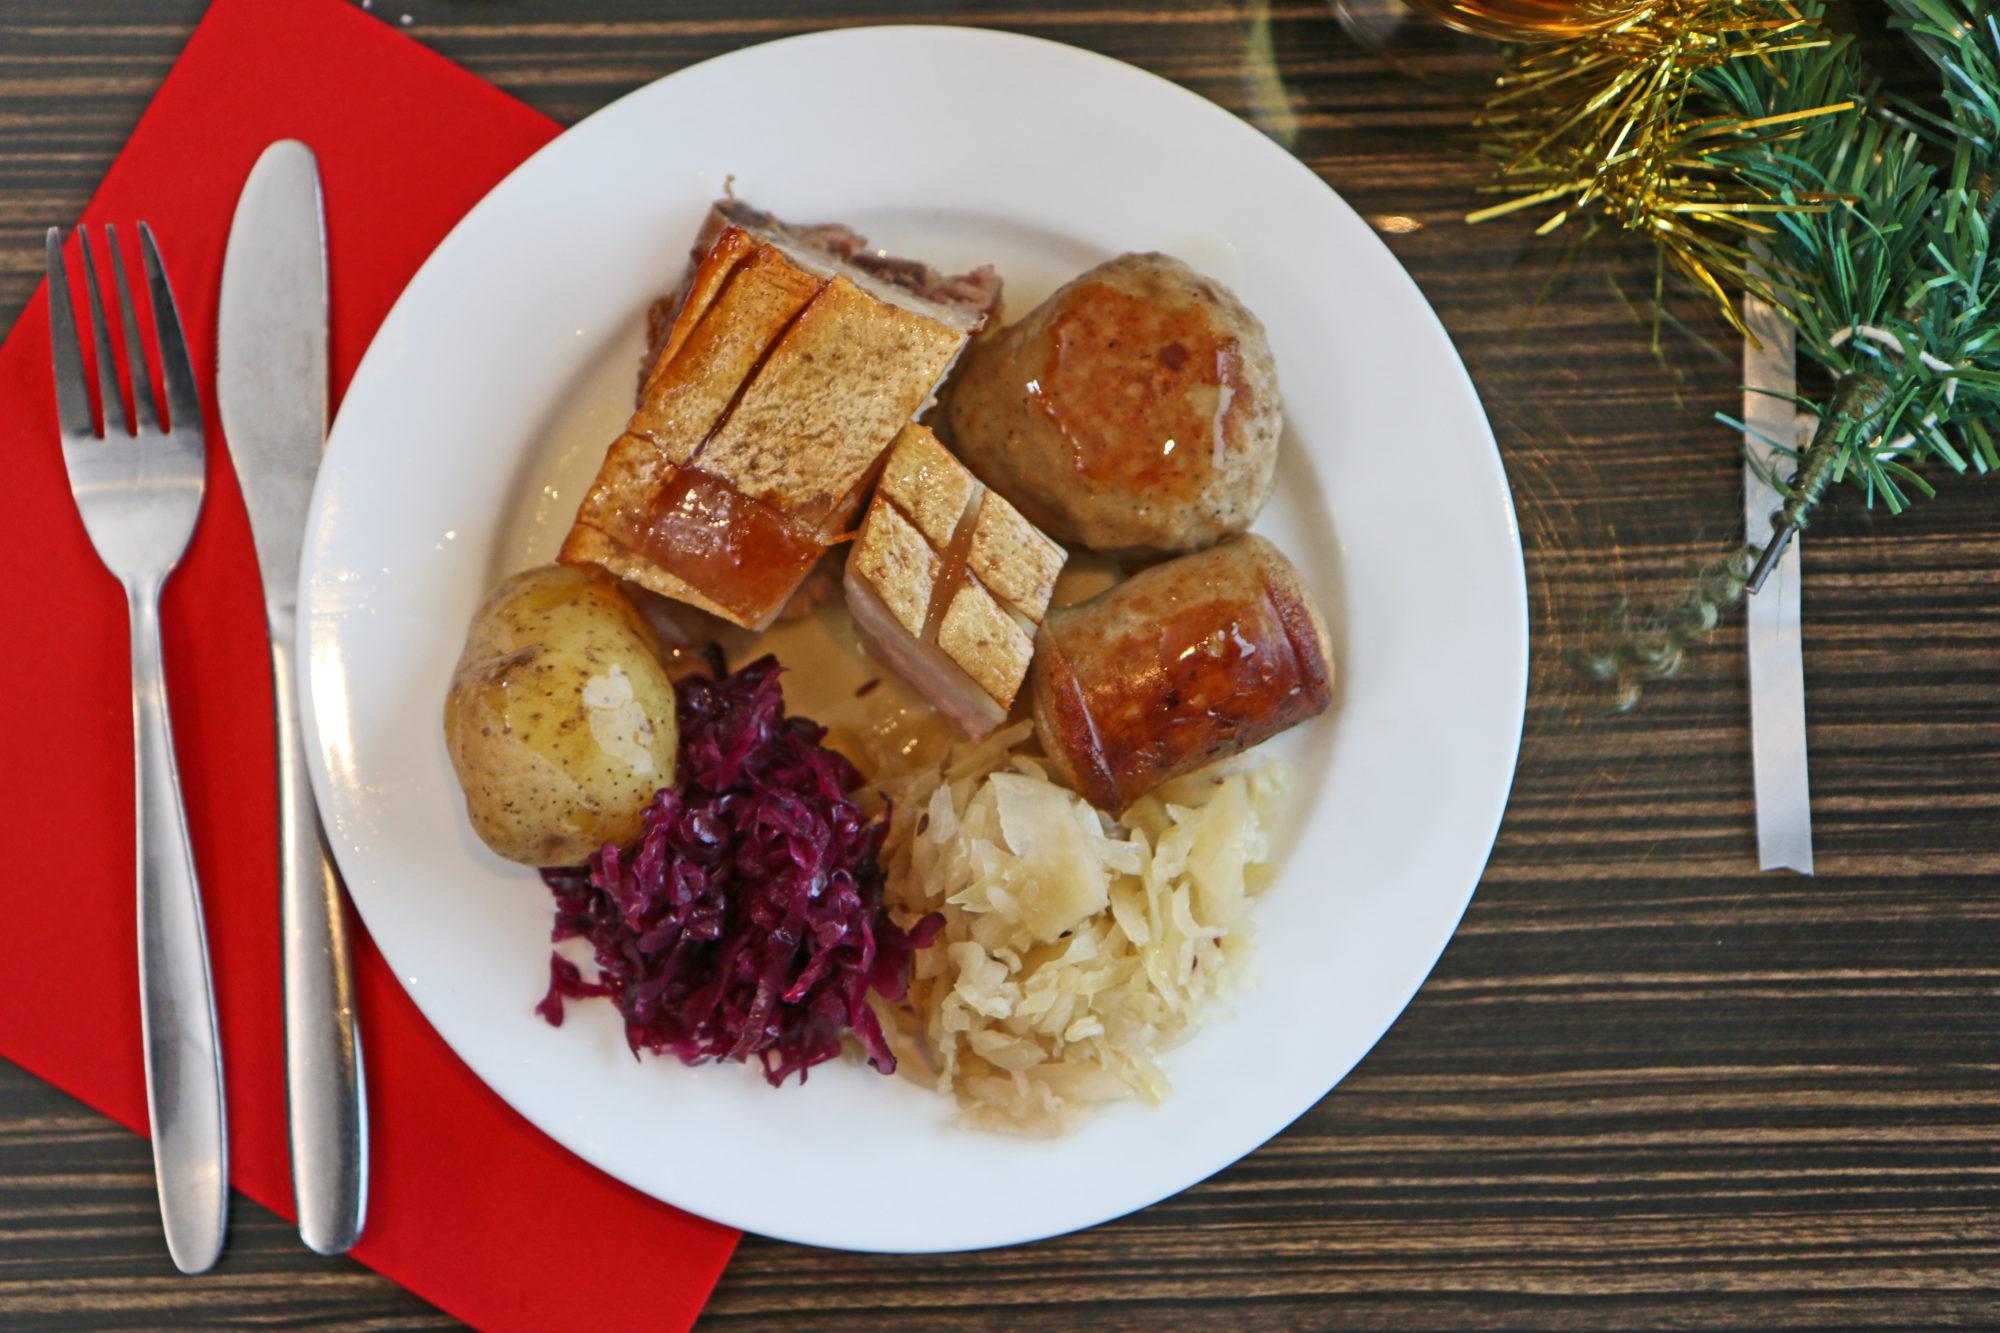 Folkefavoritten. Det anslås at ca. 60% av alle nordmenn serverer svineribbe på julaften.